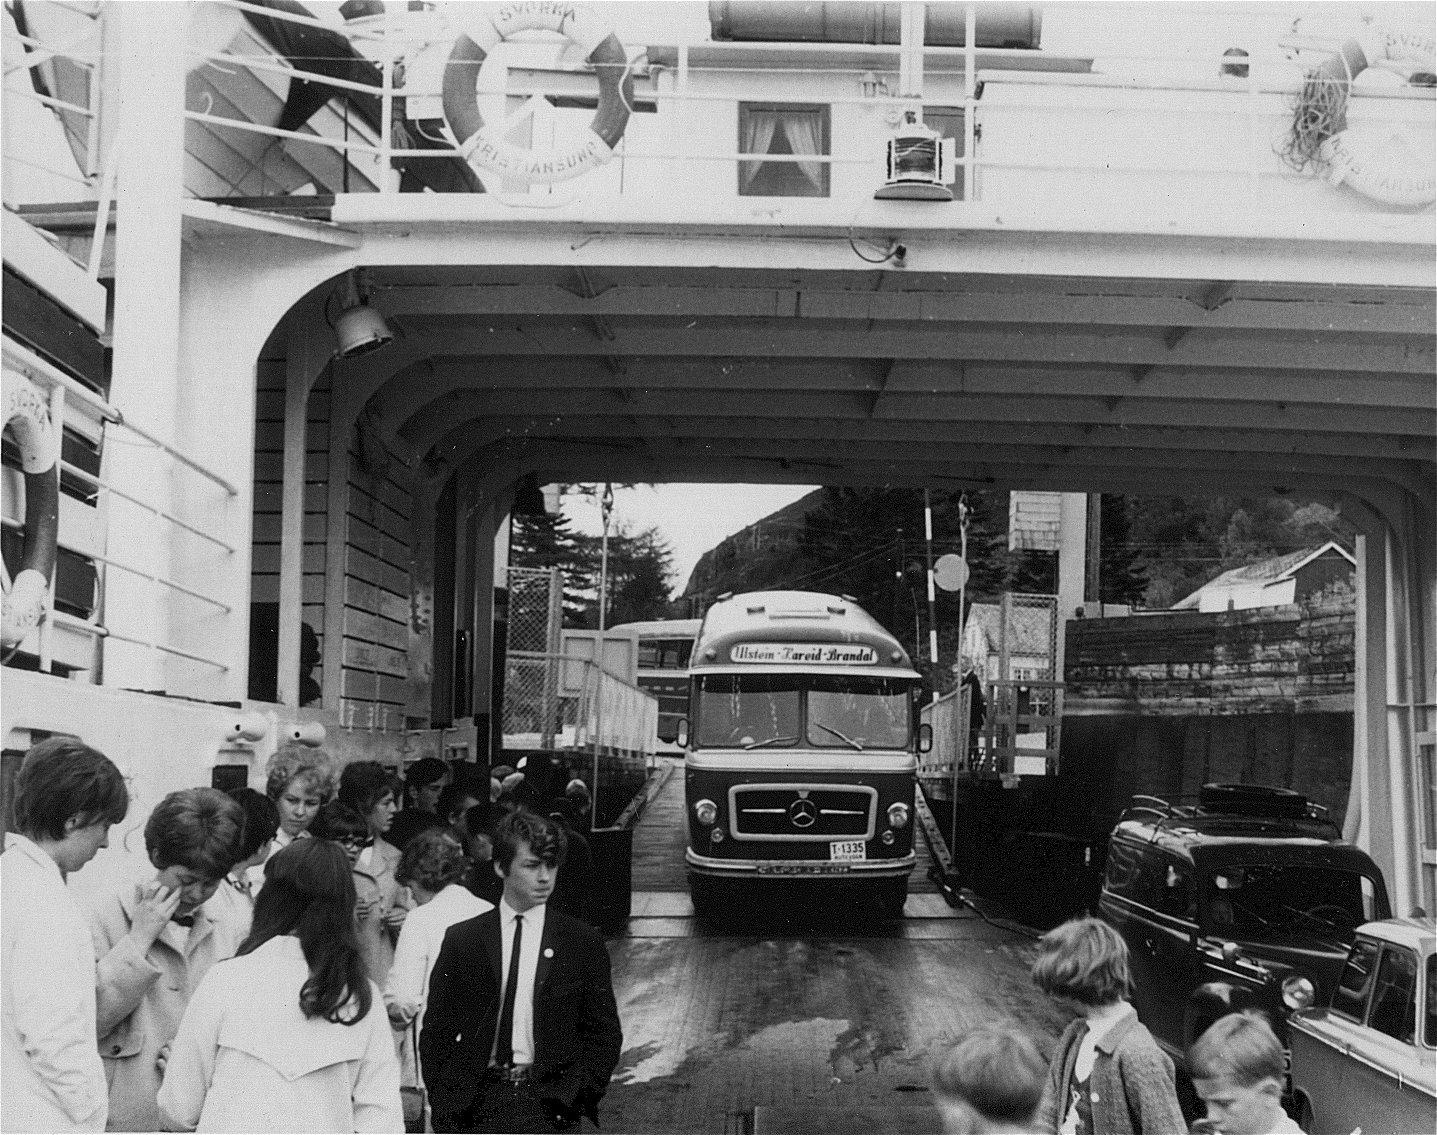 Ombordkøyring i Møre og Romsdal Fylkesbåtar si ferje B/F 'Svorka' ved Årvik ferjekai i Sande kommune. Bussane som er på turoppdrag tilhøyrer K. Moldskred Rutebiler i Ulsteinvik. Kolbjørn Moldskred dreiv med persontransport i Ulstein kommune frå 1930-talet, fram til sin død i 1976. Bedrifta vart vidare leia av sonen Arve Moldskred, og den vart fusjonert inn i Sørøy-Buss A/S som vart etablert i 1982. T-1335 er ein 1963-modell Mercedes-Benz LP321 med bygg nr. 142 frå Bussbygg på Hovdenakken i Romsdal. Sjåfør er Kåre K. Ulstein. Bussen som er i ferd med å køyre inn på ferja bak T-1335, er T-1098 - ein 1961-modell Mercedes-Benz O321HL, Moldskred sin andre hekkmotorbuss. Denne har bygg nr. 107 frå Bussbygg, 45 seter. Denne bussen vart seinare ombygt frå bagasjerom med fast vegg, til todørs-buss. Desse to bussane kom i fokus ved tariffstreikane i 1963. I april dette året vart det streik i 4 veker. T-1335 vart levert i juni, og rakk så vidt å kome i drift før det på ny braut ut sjåførstreik. Denne varte i om lag 3 veker, og då var det kun Kolbjørn Moldskred som arbeidsgjevar som kunne køyre. Med sonen Arve som billettør køyrde dei rutene mellom Ulsteinvik og Hareid med største bussen, som var `61-modellen T-1098. (Opplysningar frå Arve Moldskred, formidla av Ola A. Rangsæter)